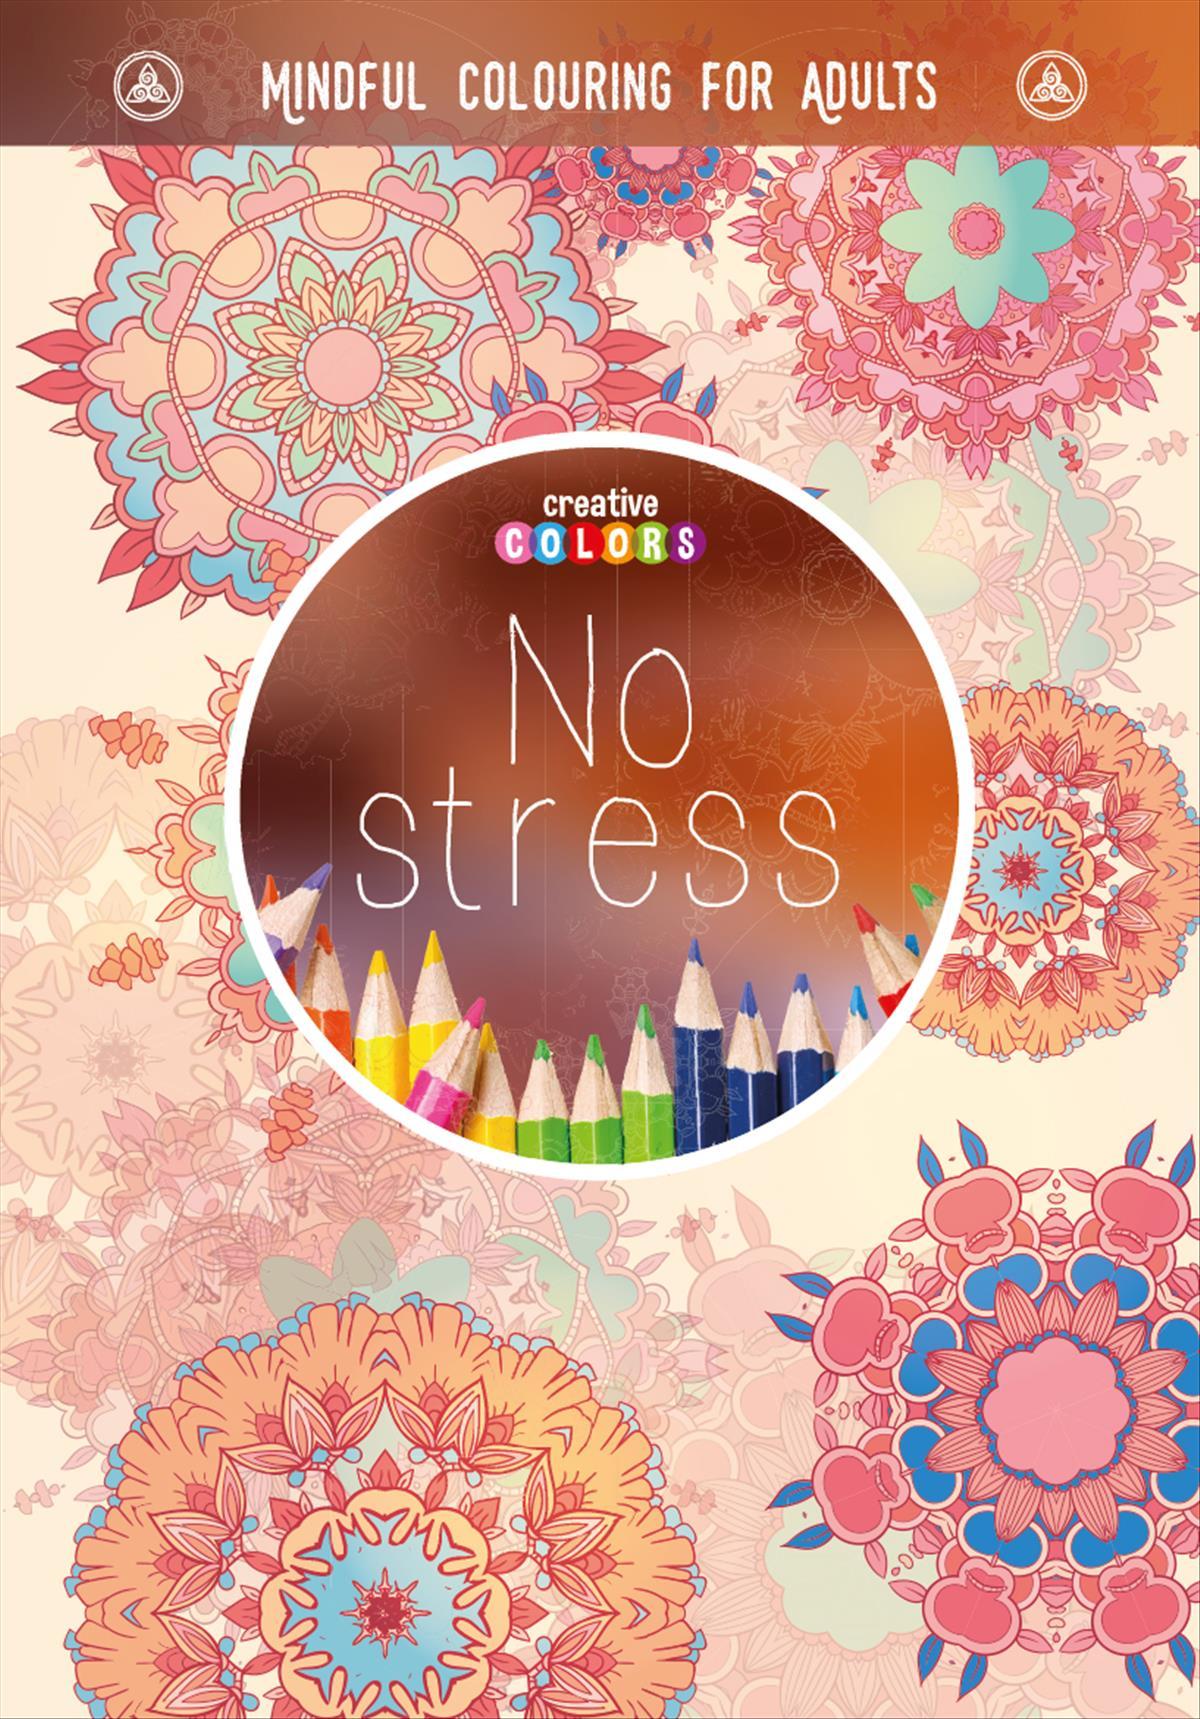 No stress. Una forma de meditación